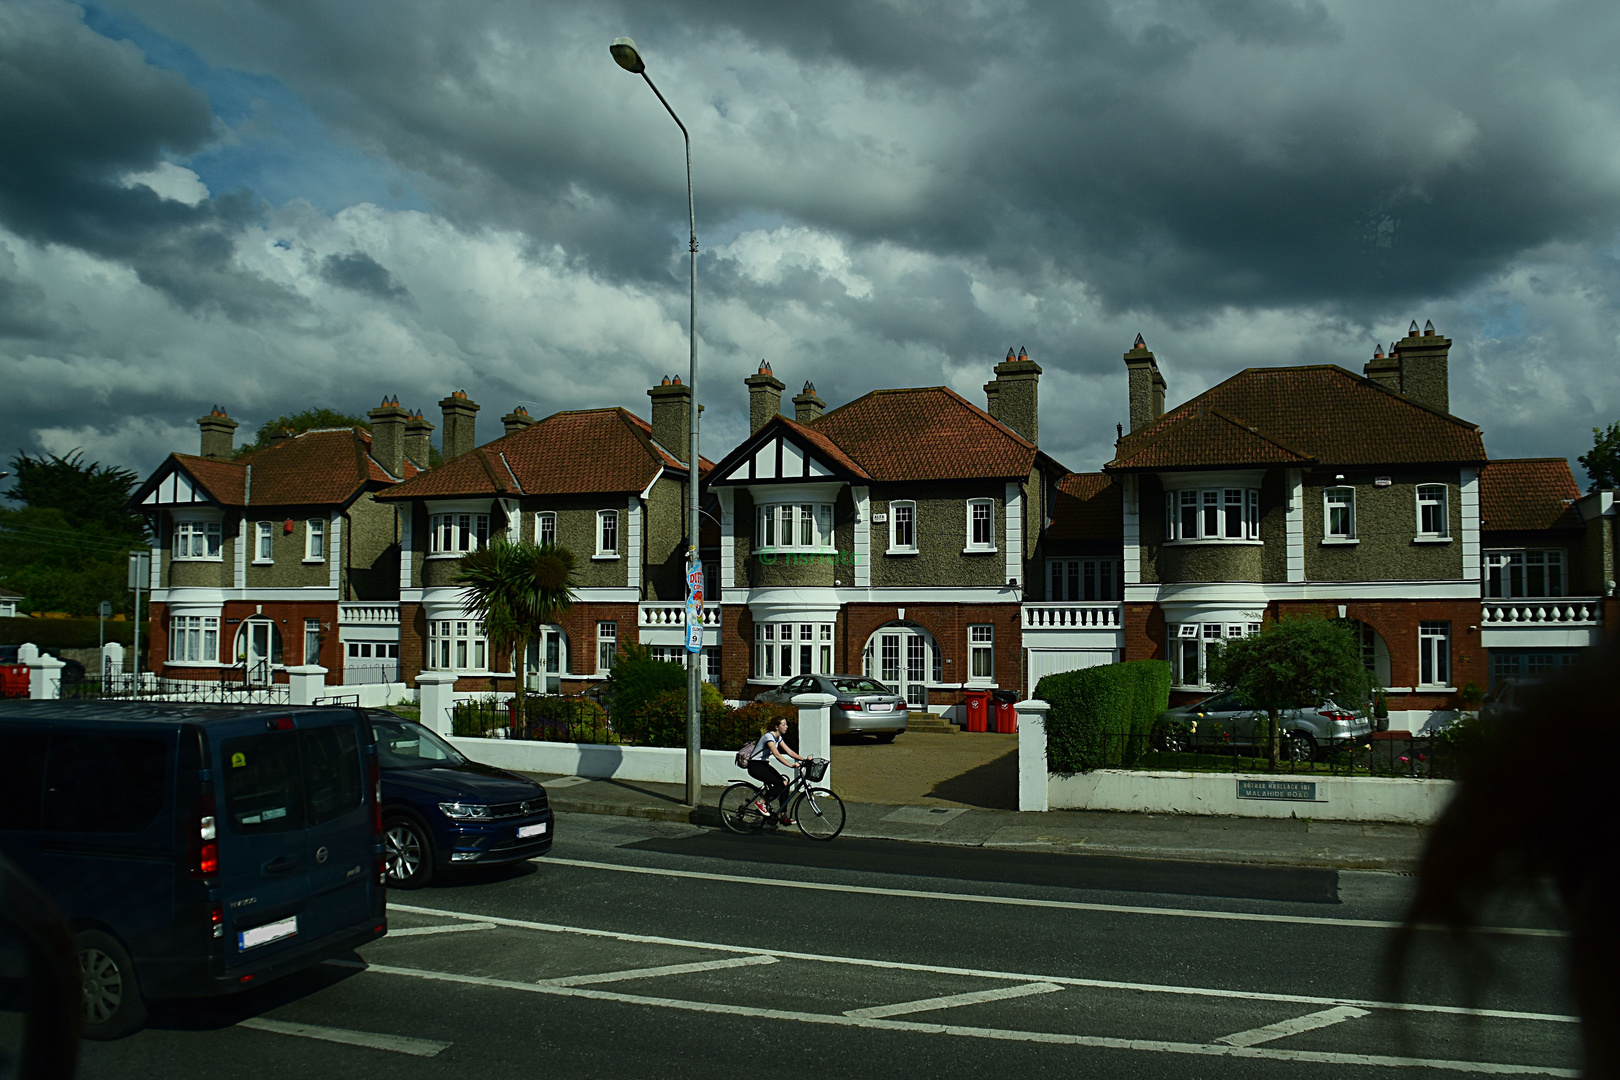 Unsere Irland-Rundreise: Wolkenspiele über einem Wohnviertel in Dublin